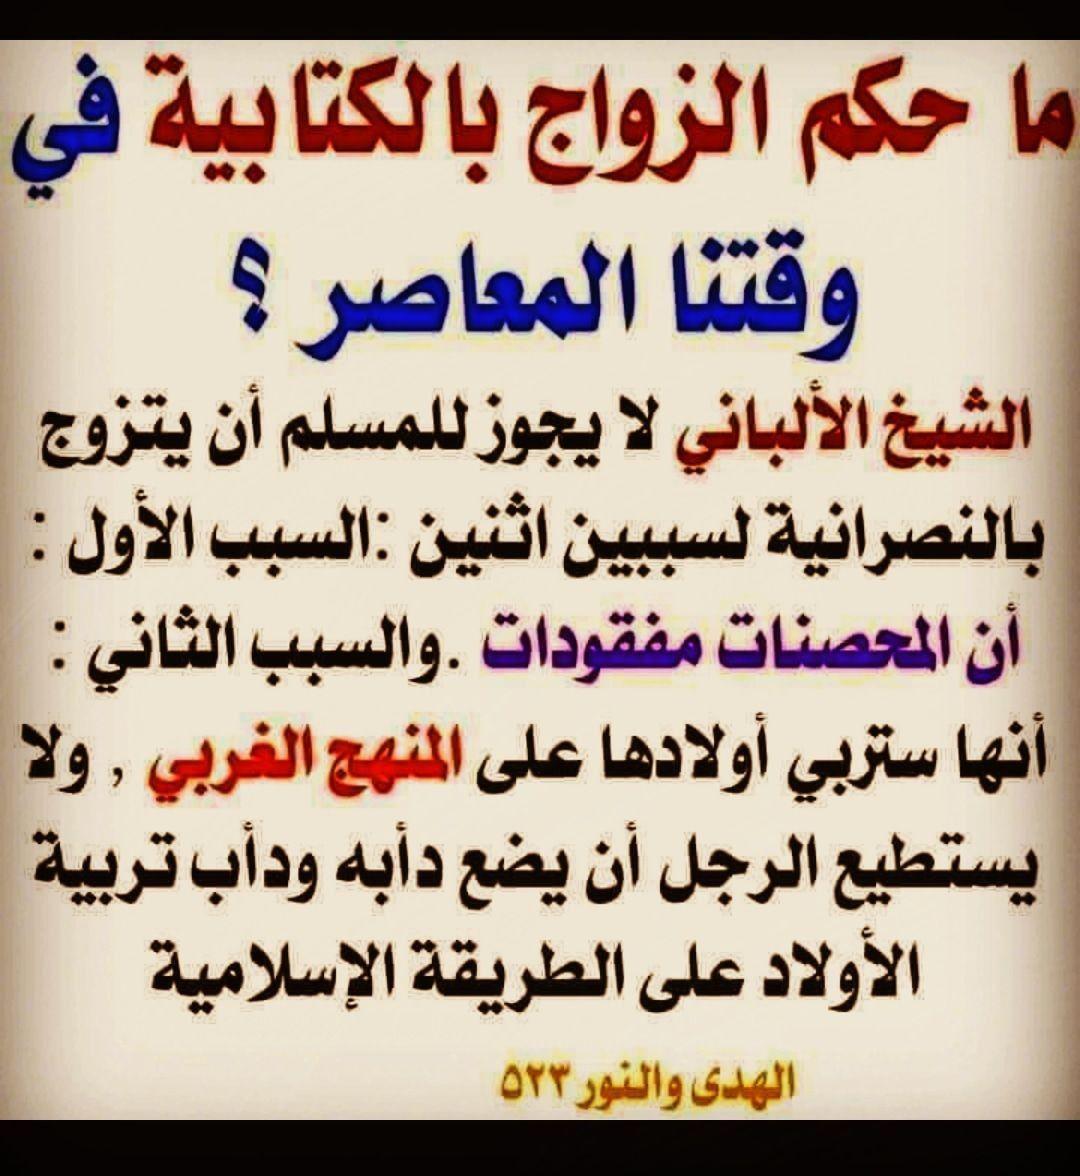 حكم الزواج بالكتابية قناة يوسف شومان السلفية Calligraphy Arabic Calligraphy